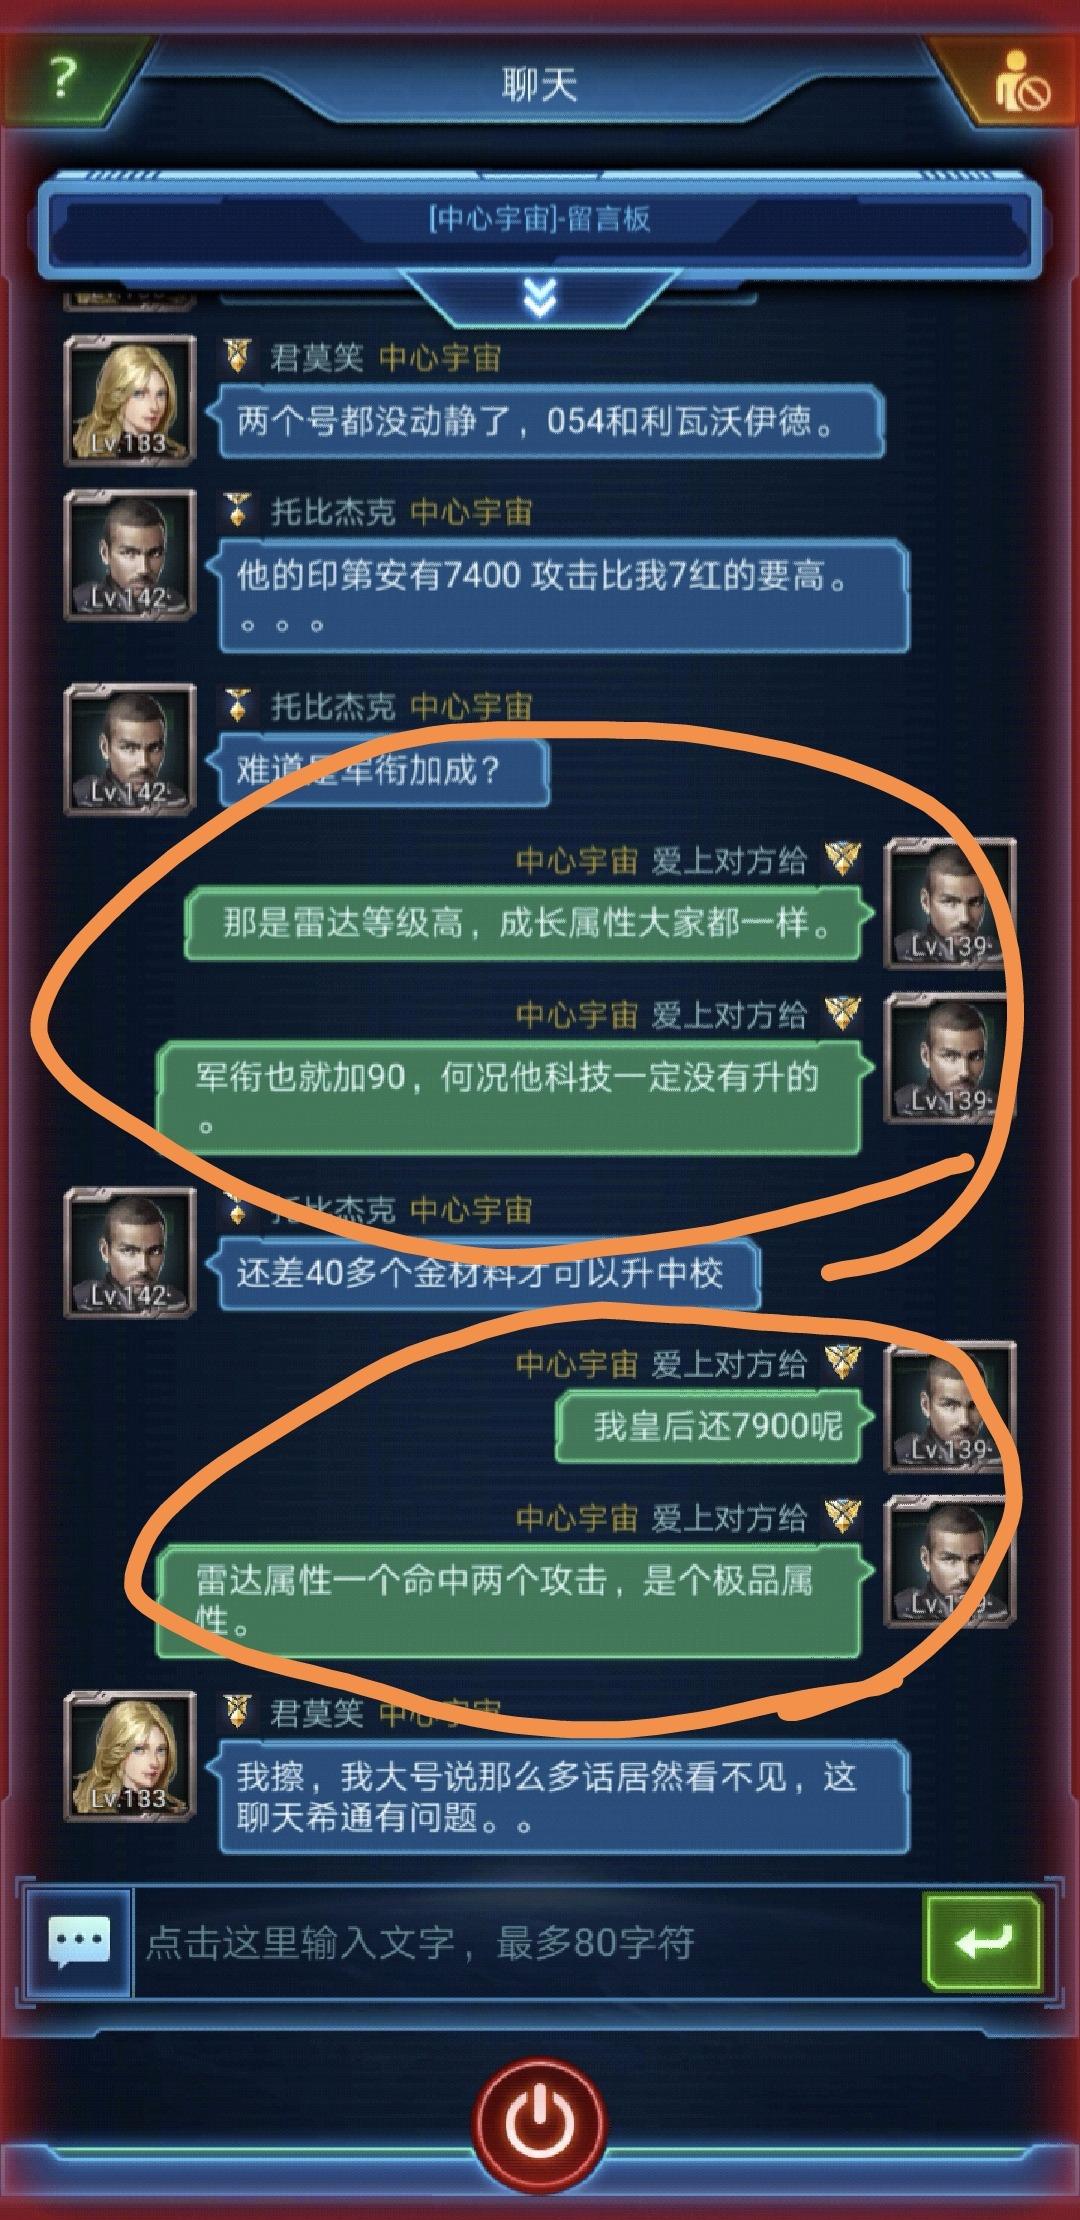 Screenshot_20181129_163901.jpg